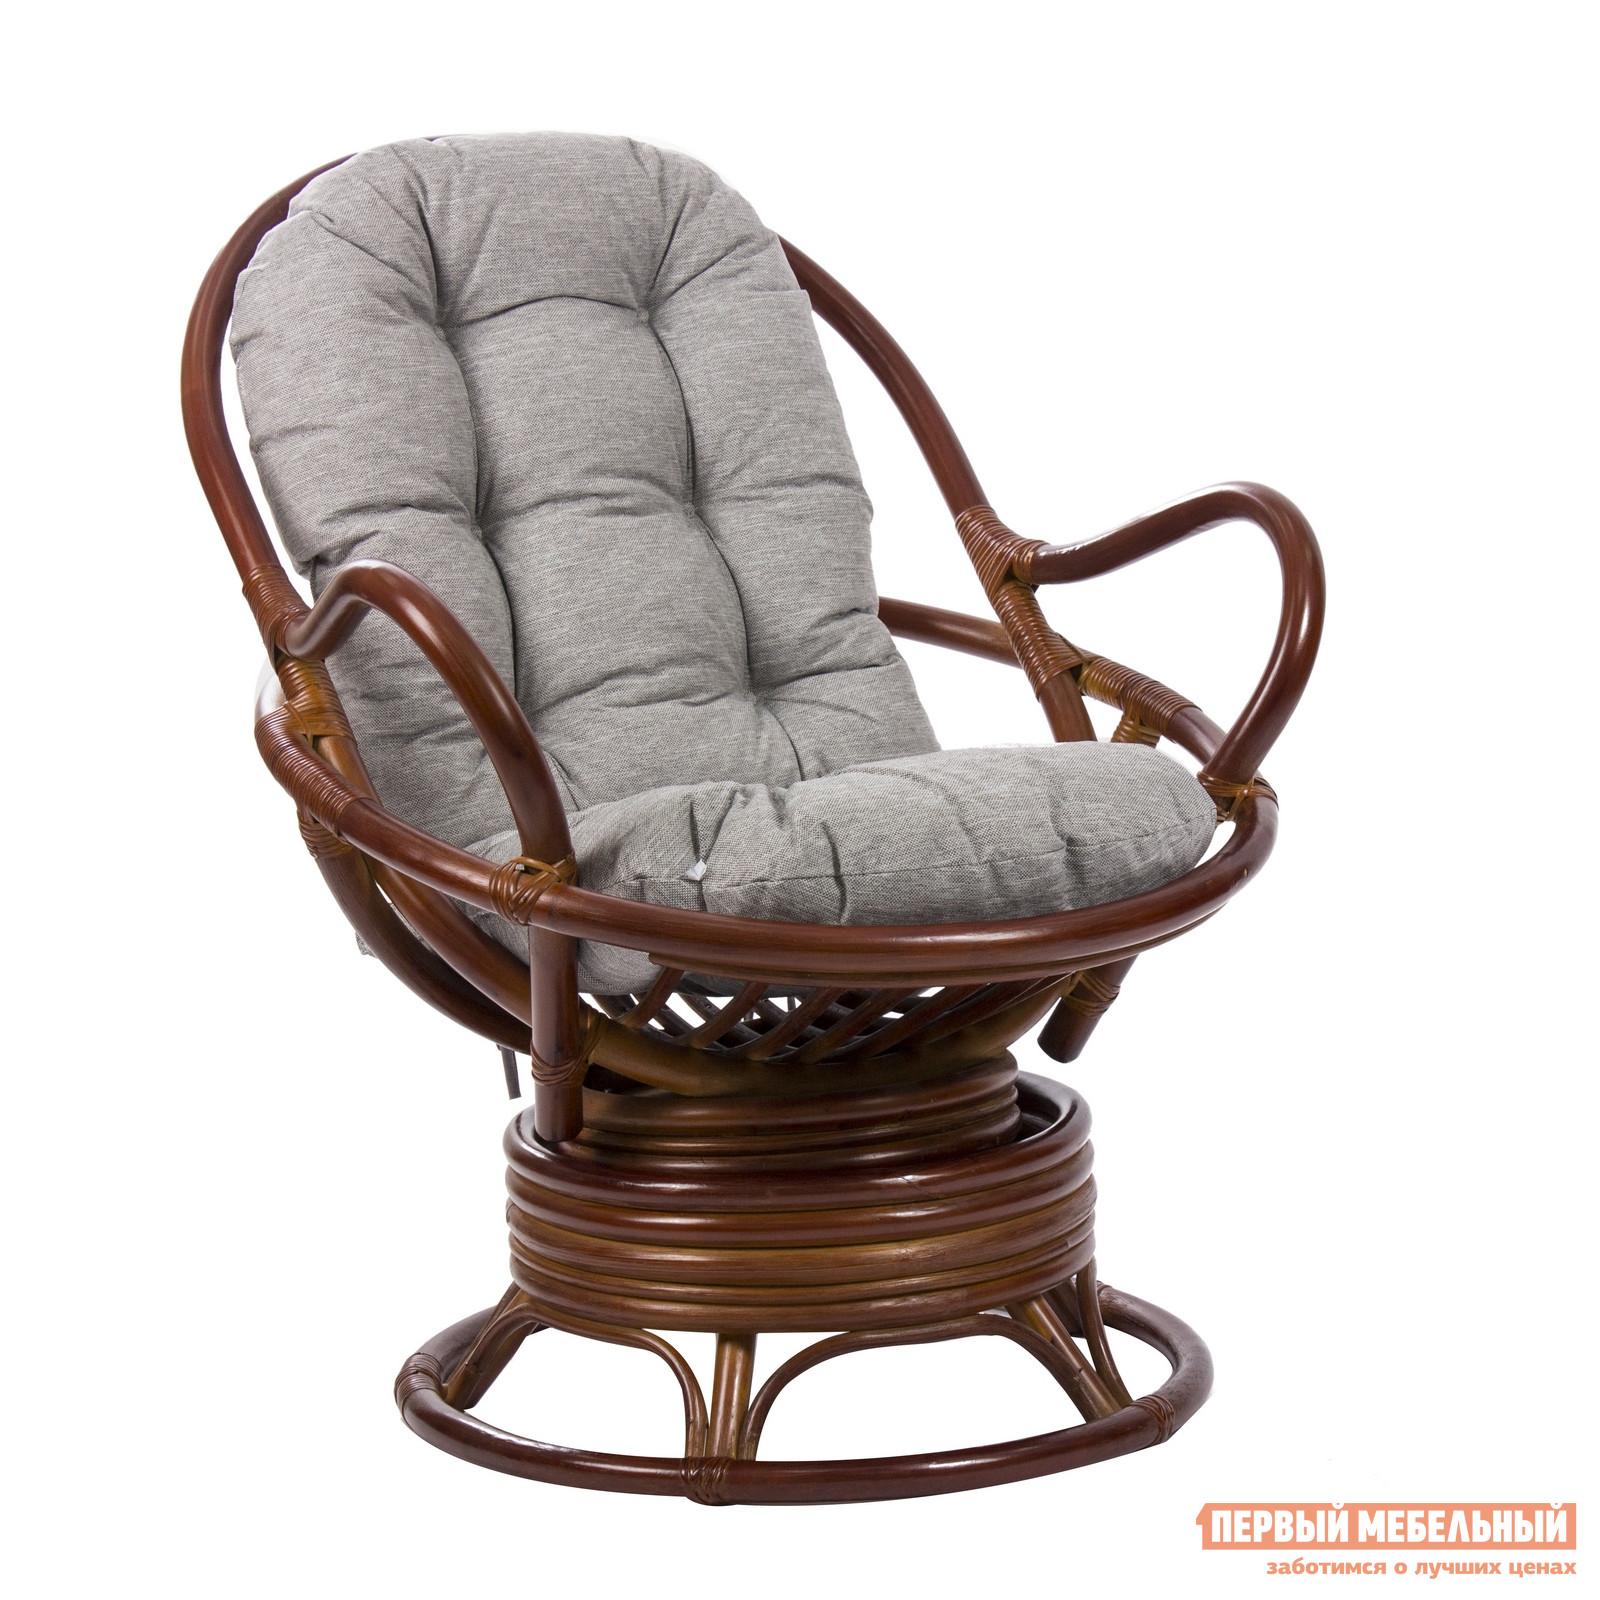 Кресло-качалка Мебель Импэкс Swivel Rocker Коньяк